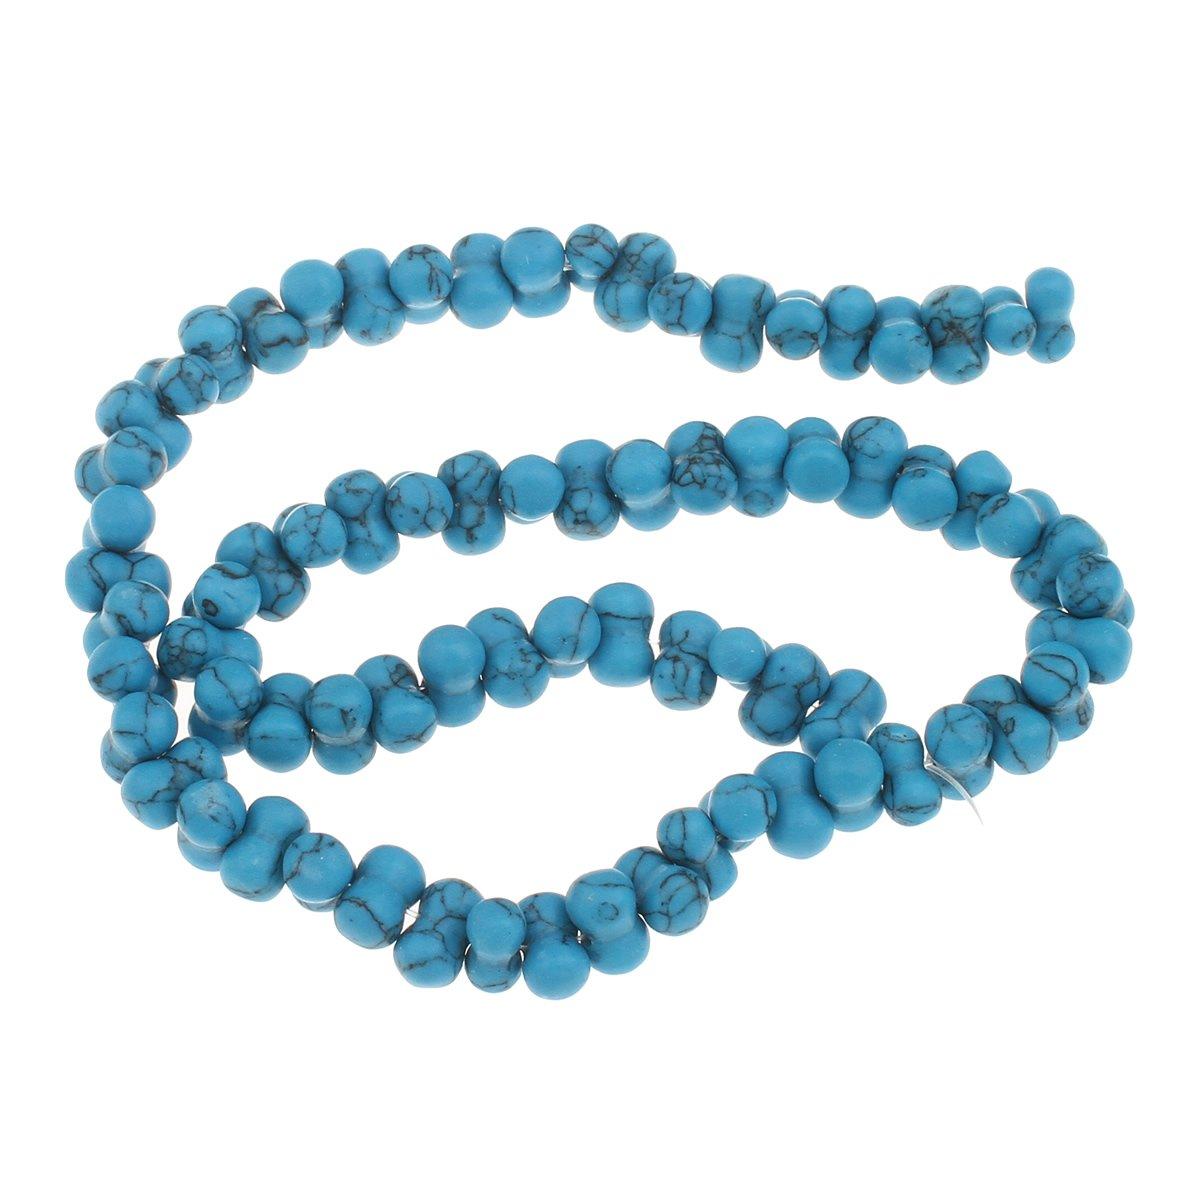 30 Türkis Edelstein Perlen Blau Naturstein Knochen 10mm für Schmuck G981